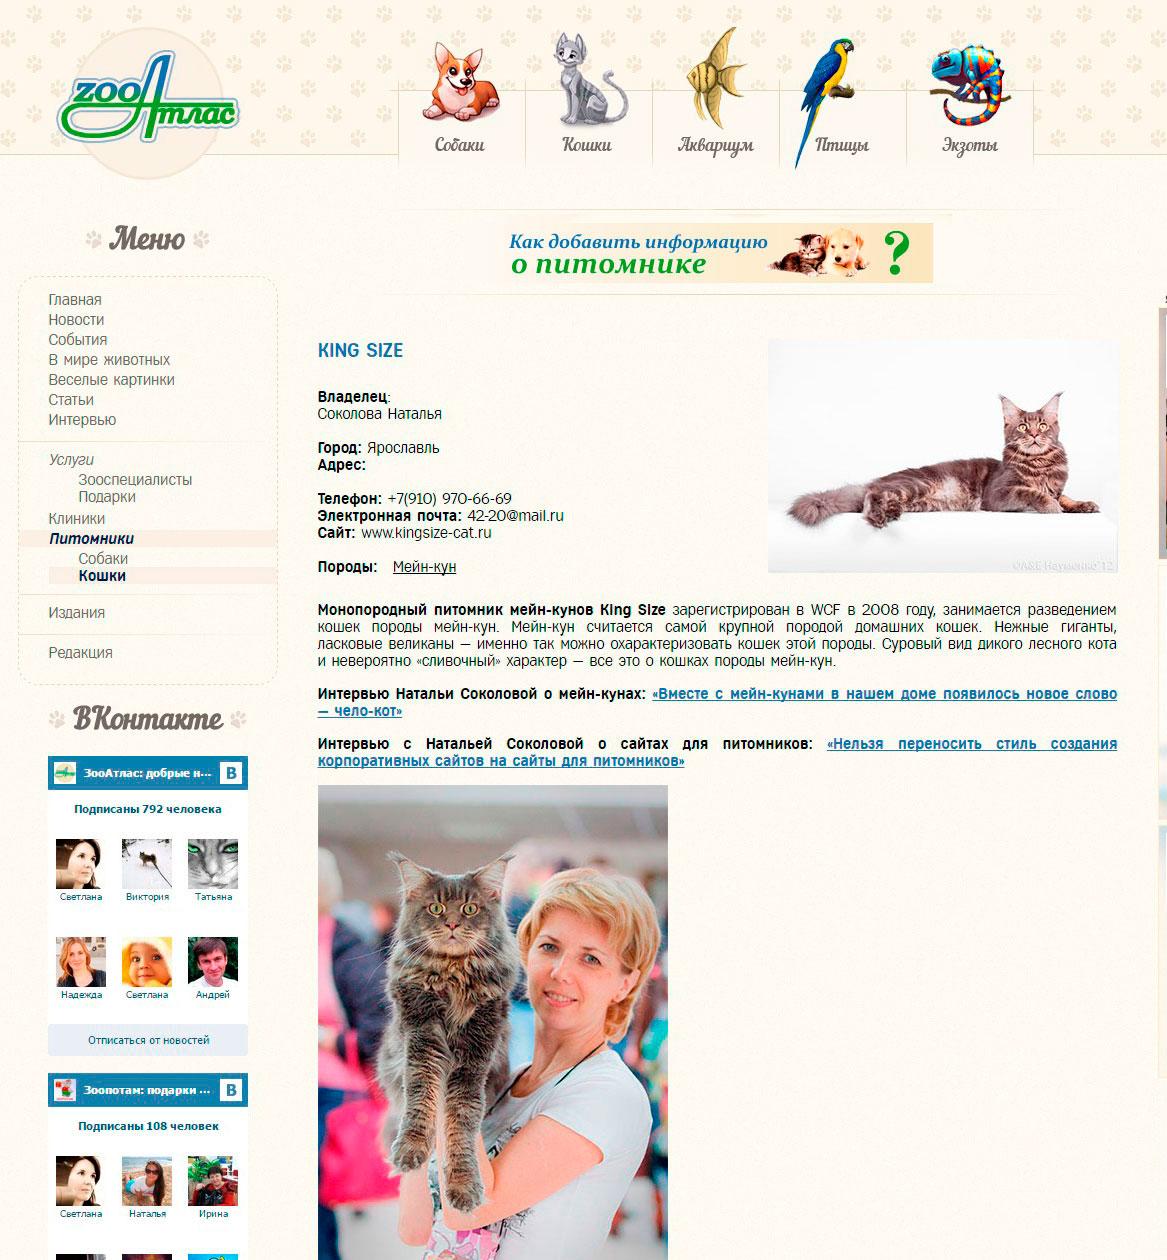 питомники кошек в россии